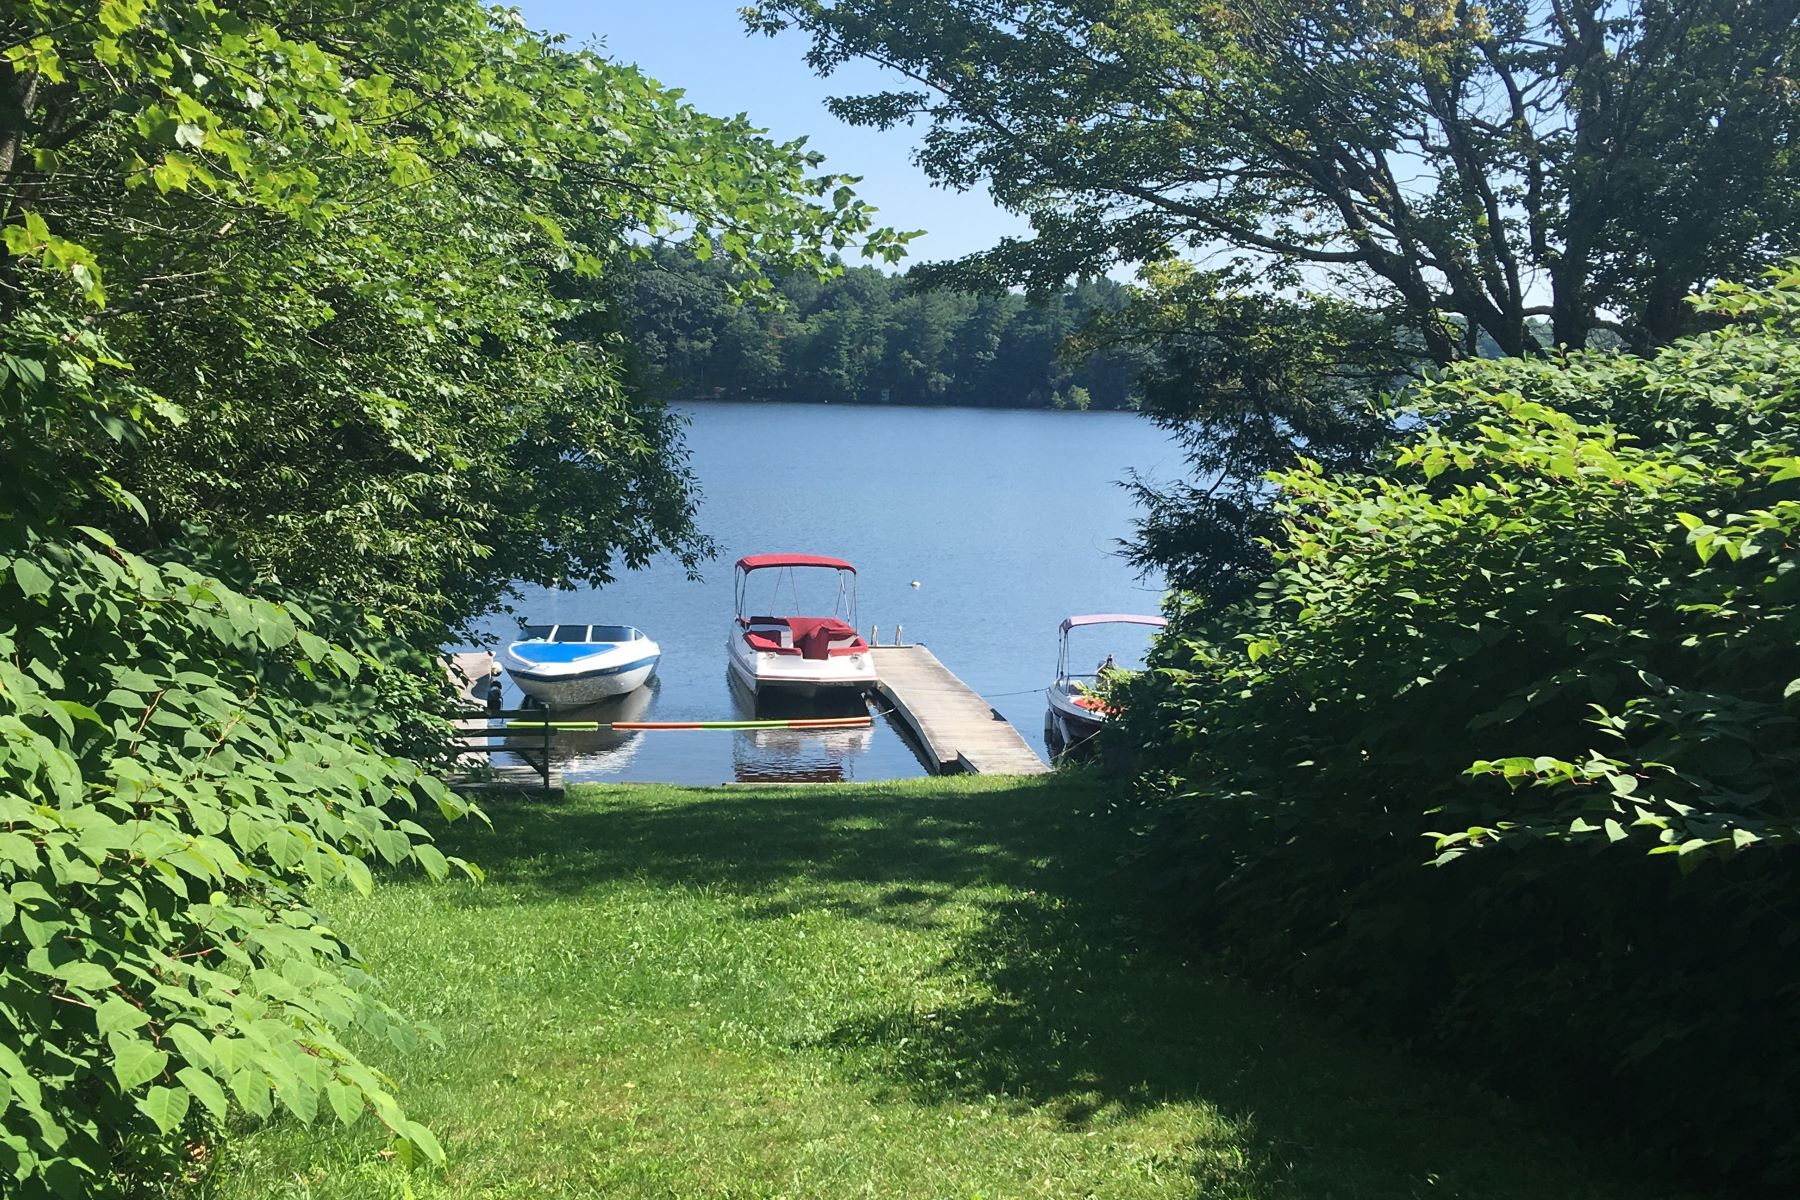 土地,用地 为 销售 在 Water Access to Otis Reservoir Lot 4 Pine Rd Otis, 马萨诸塞州 01253 美国